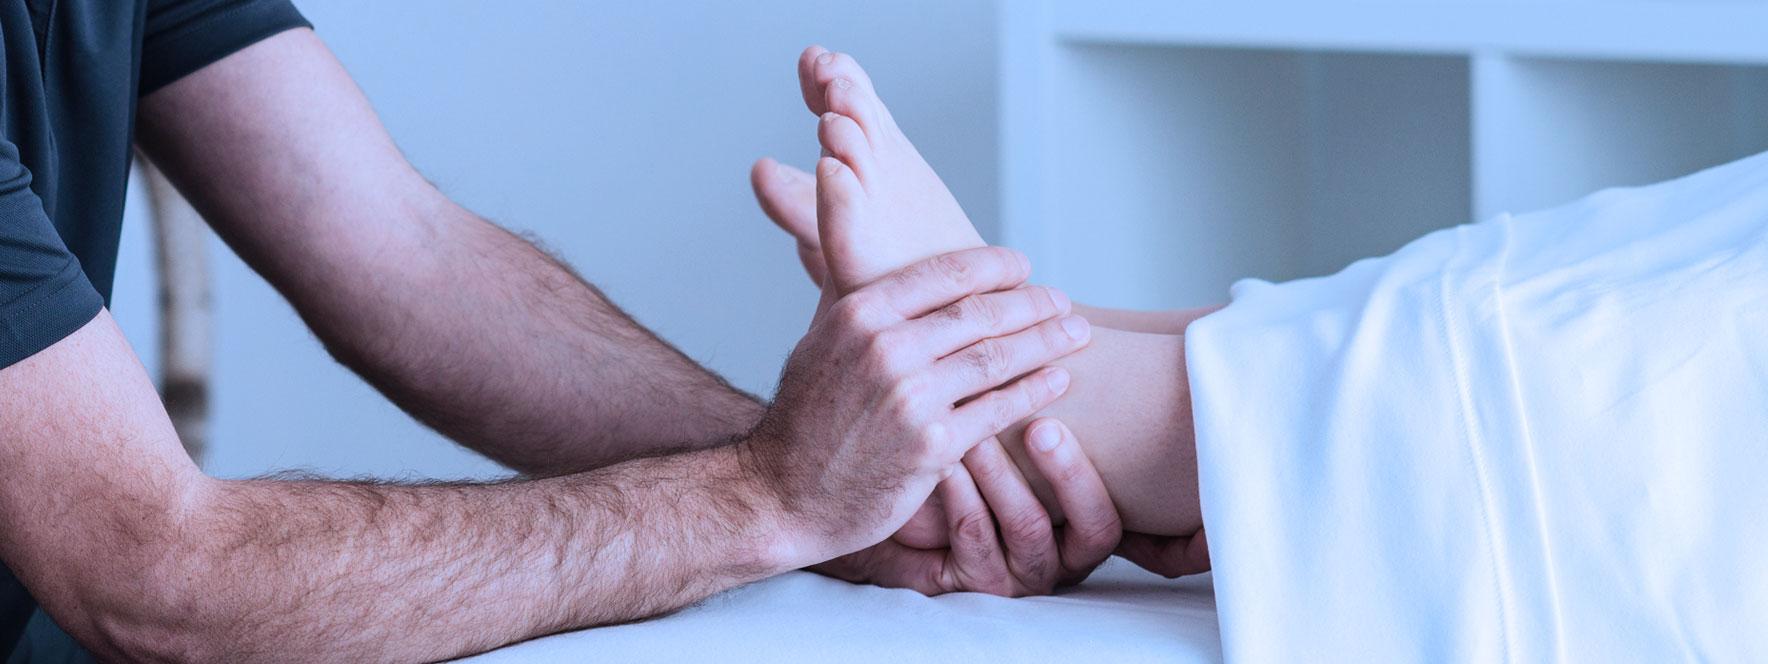 Suggestion de séquence massage des pieds - Blogue du Réseau